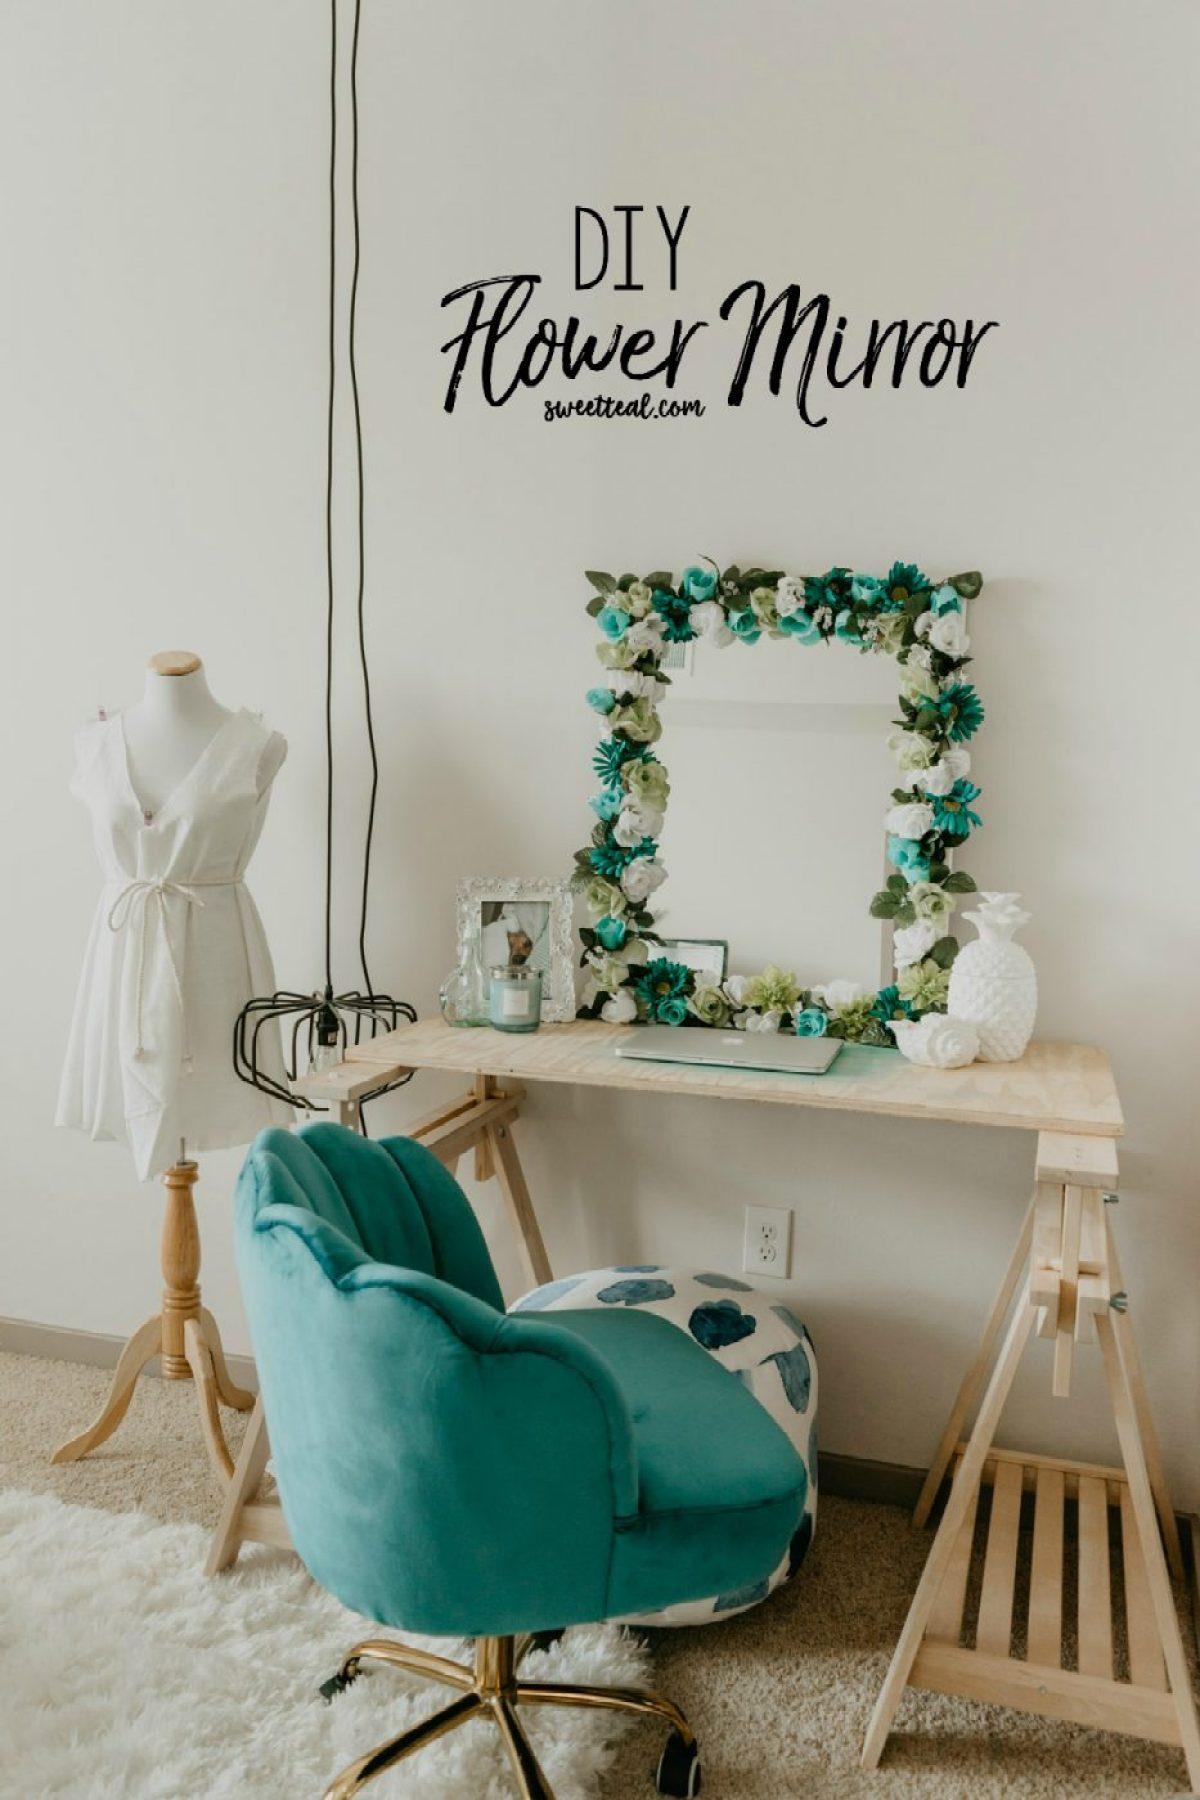 DIY Flower Mirror - Sweet Teal